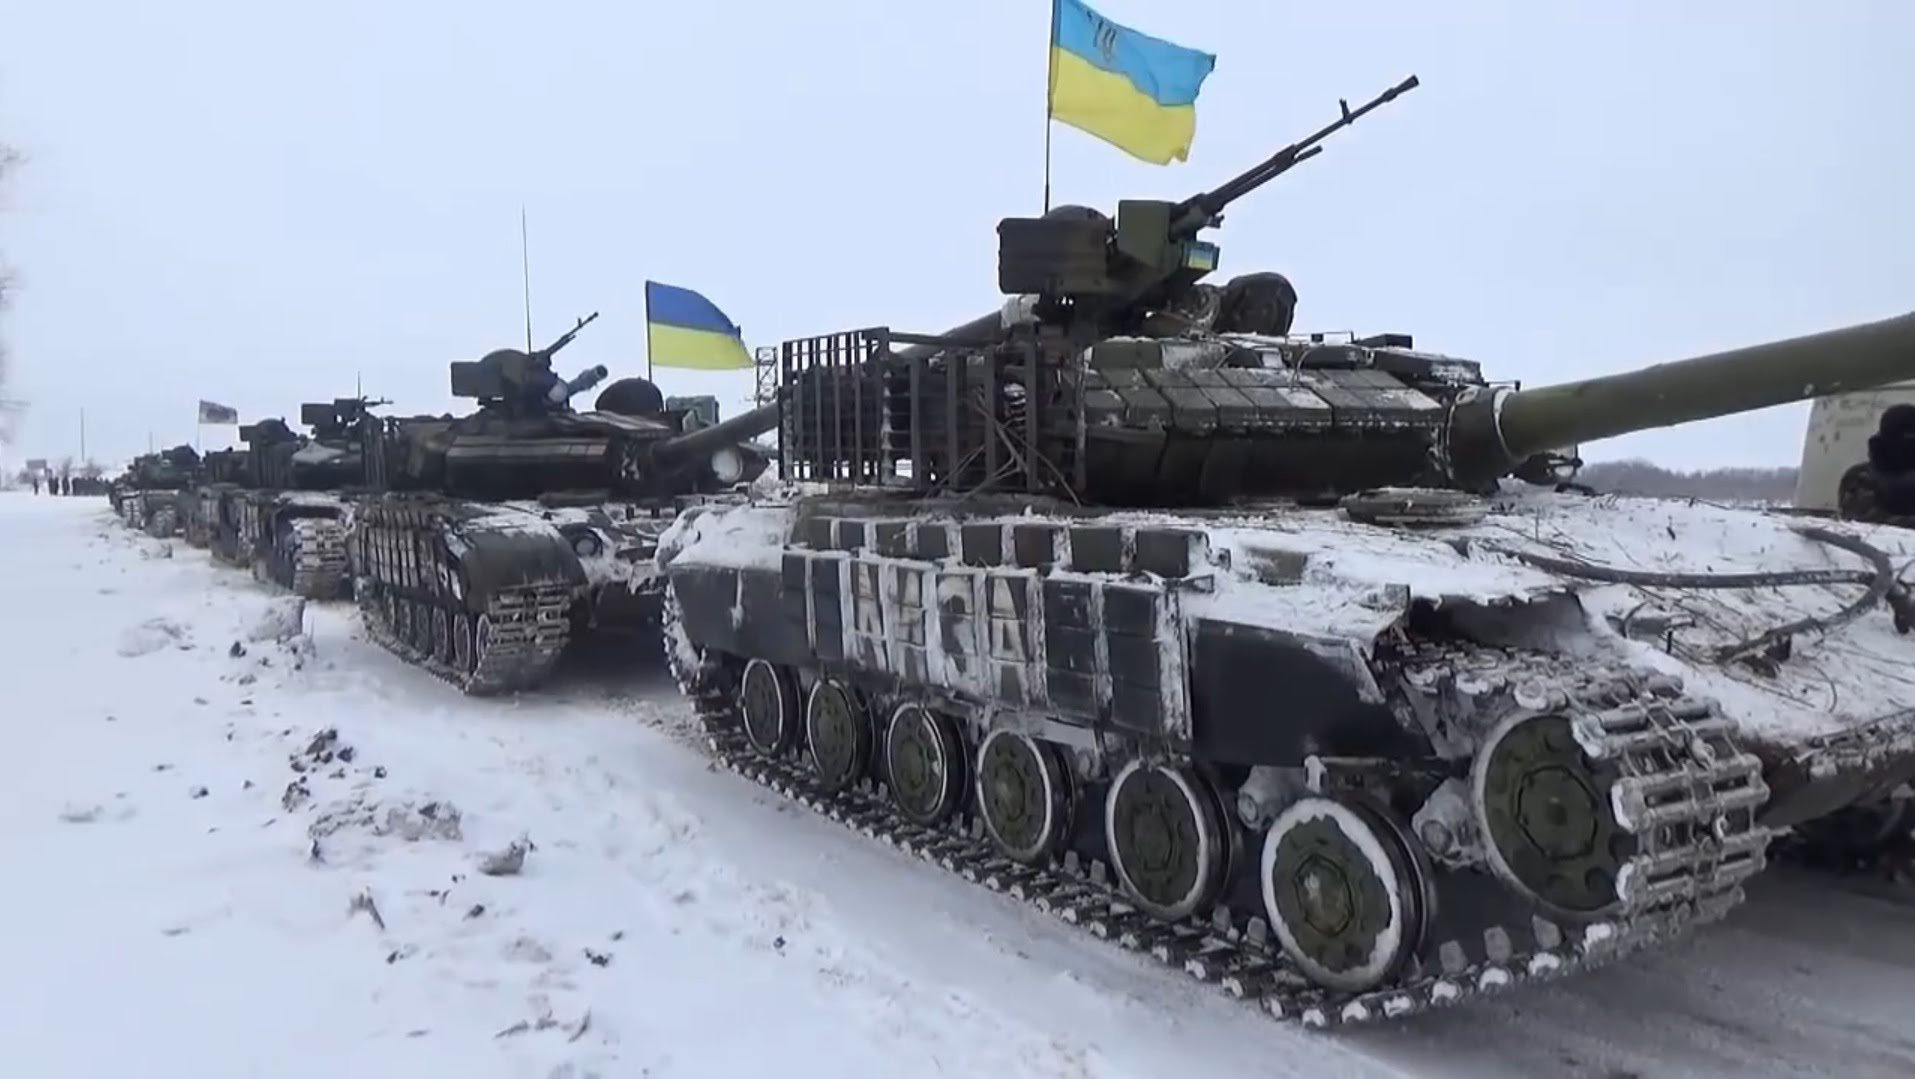 ВСУ расстреляли санитарный автомобиль под Докучаевском, погибли три человека— командование ДНР